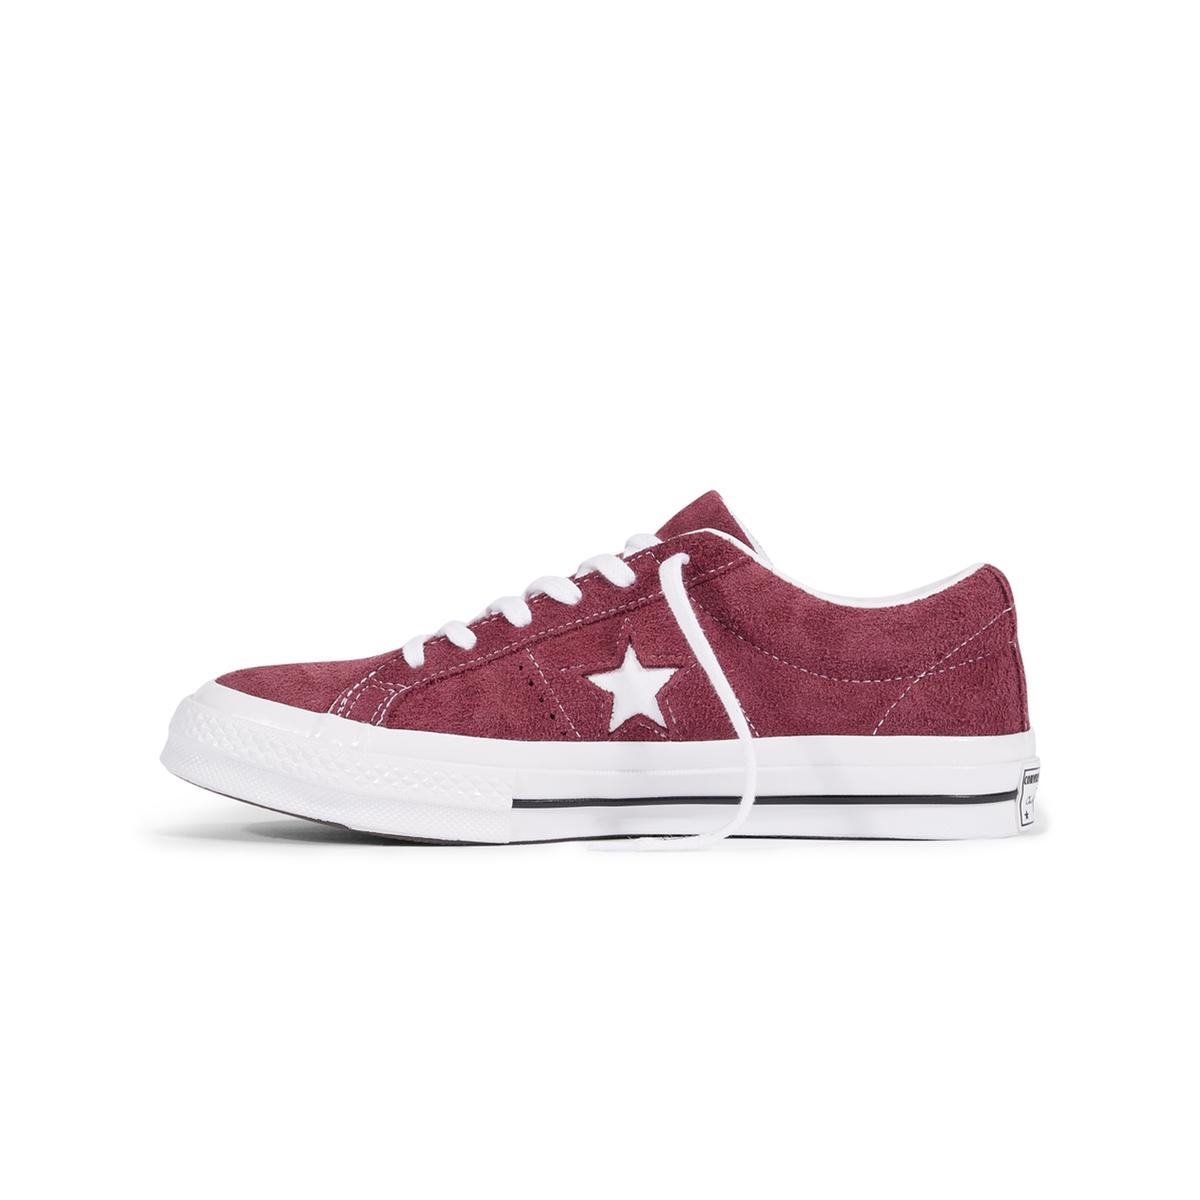 Imagen secundaria de producto de Zapatillas de piel ONE STAR OG VINTAGE SUEDE - Converse